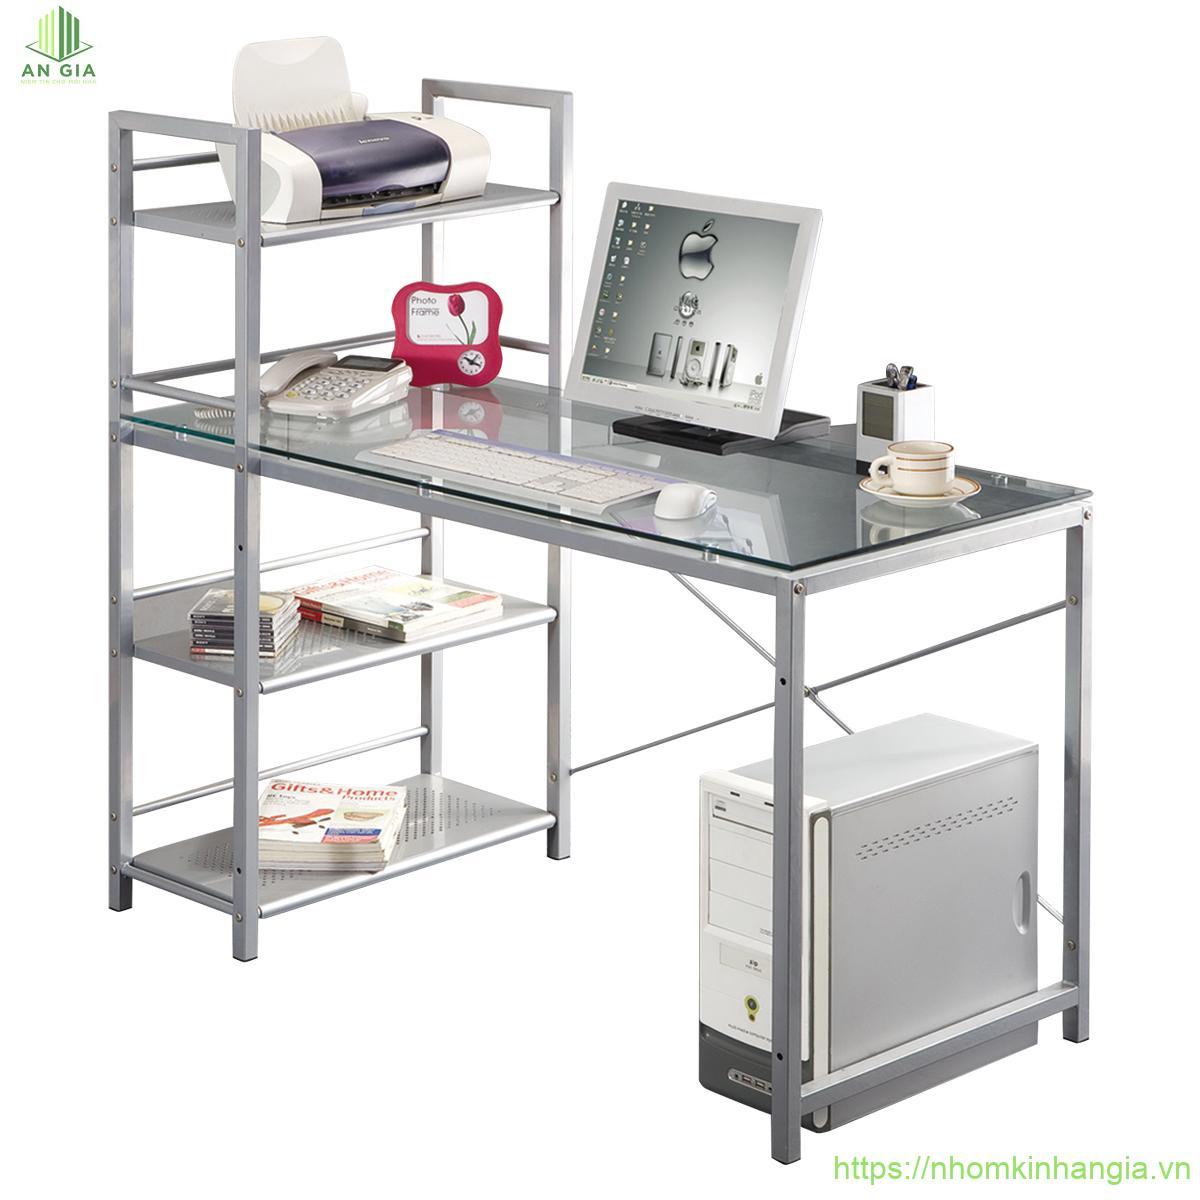 Mẫu 11: Thiết kế của bàn khá độc đáo được gắn kèm theo một chiếc tủ đựng giấy tờ tạo sự thuận tiện cho nhân viên văn phòng